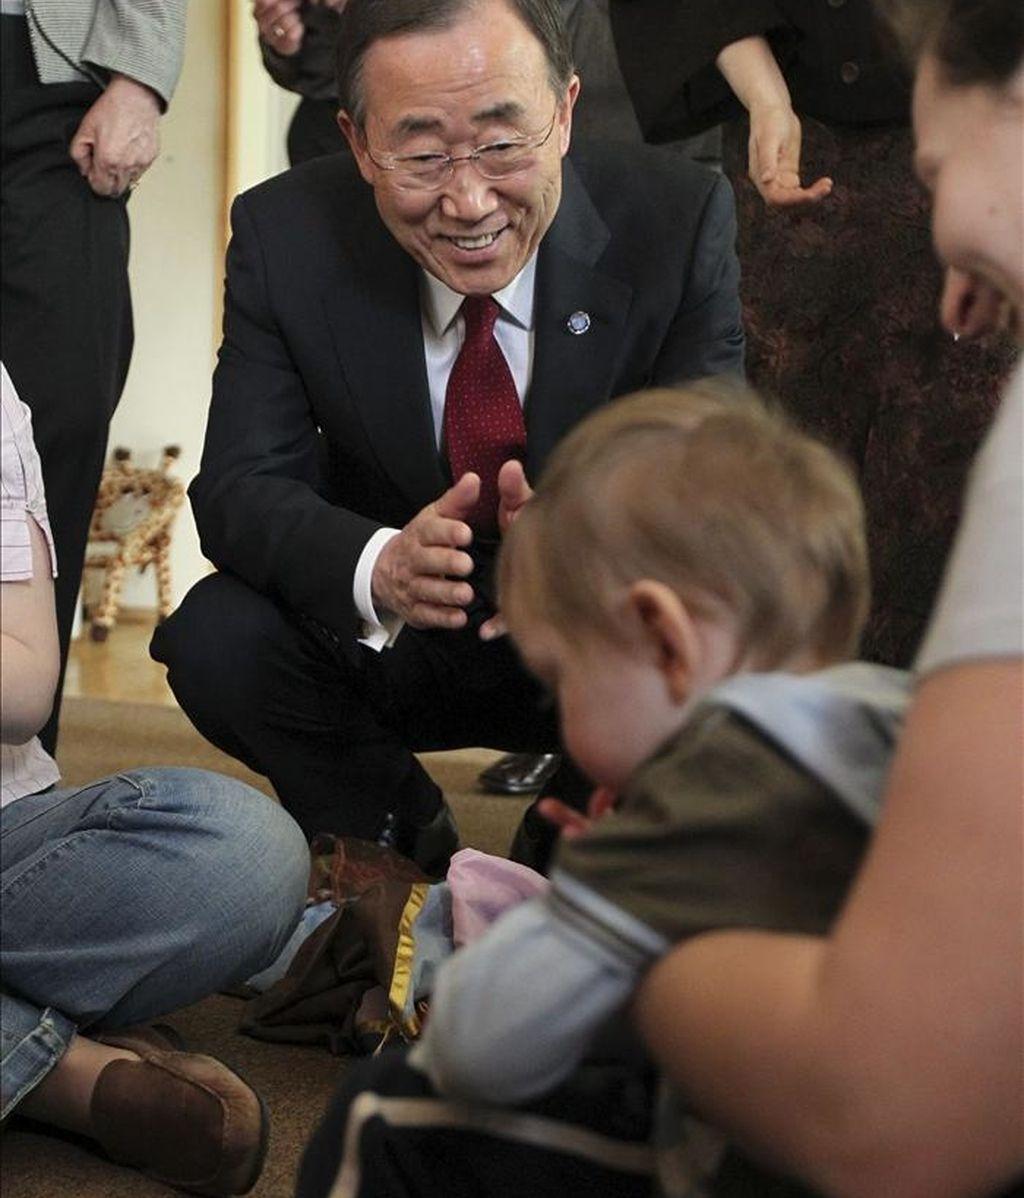 El secretario general de la ONU, Ban Ki-moon (c), interactúa con un niño durante su visita al Centro de Pedagogía Curativa (CCP) en Moscú, Rusia. EFE